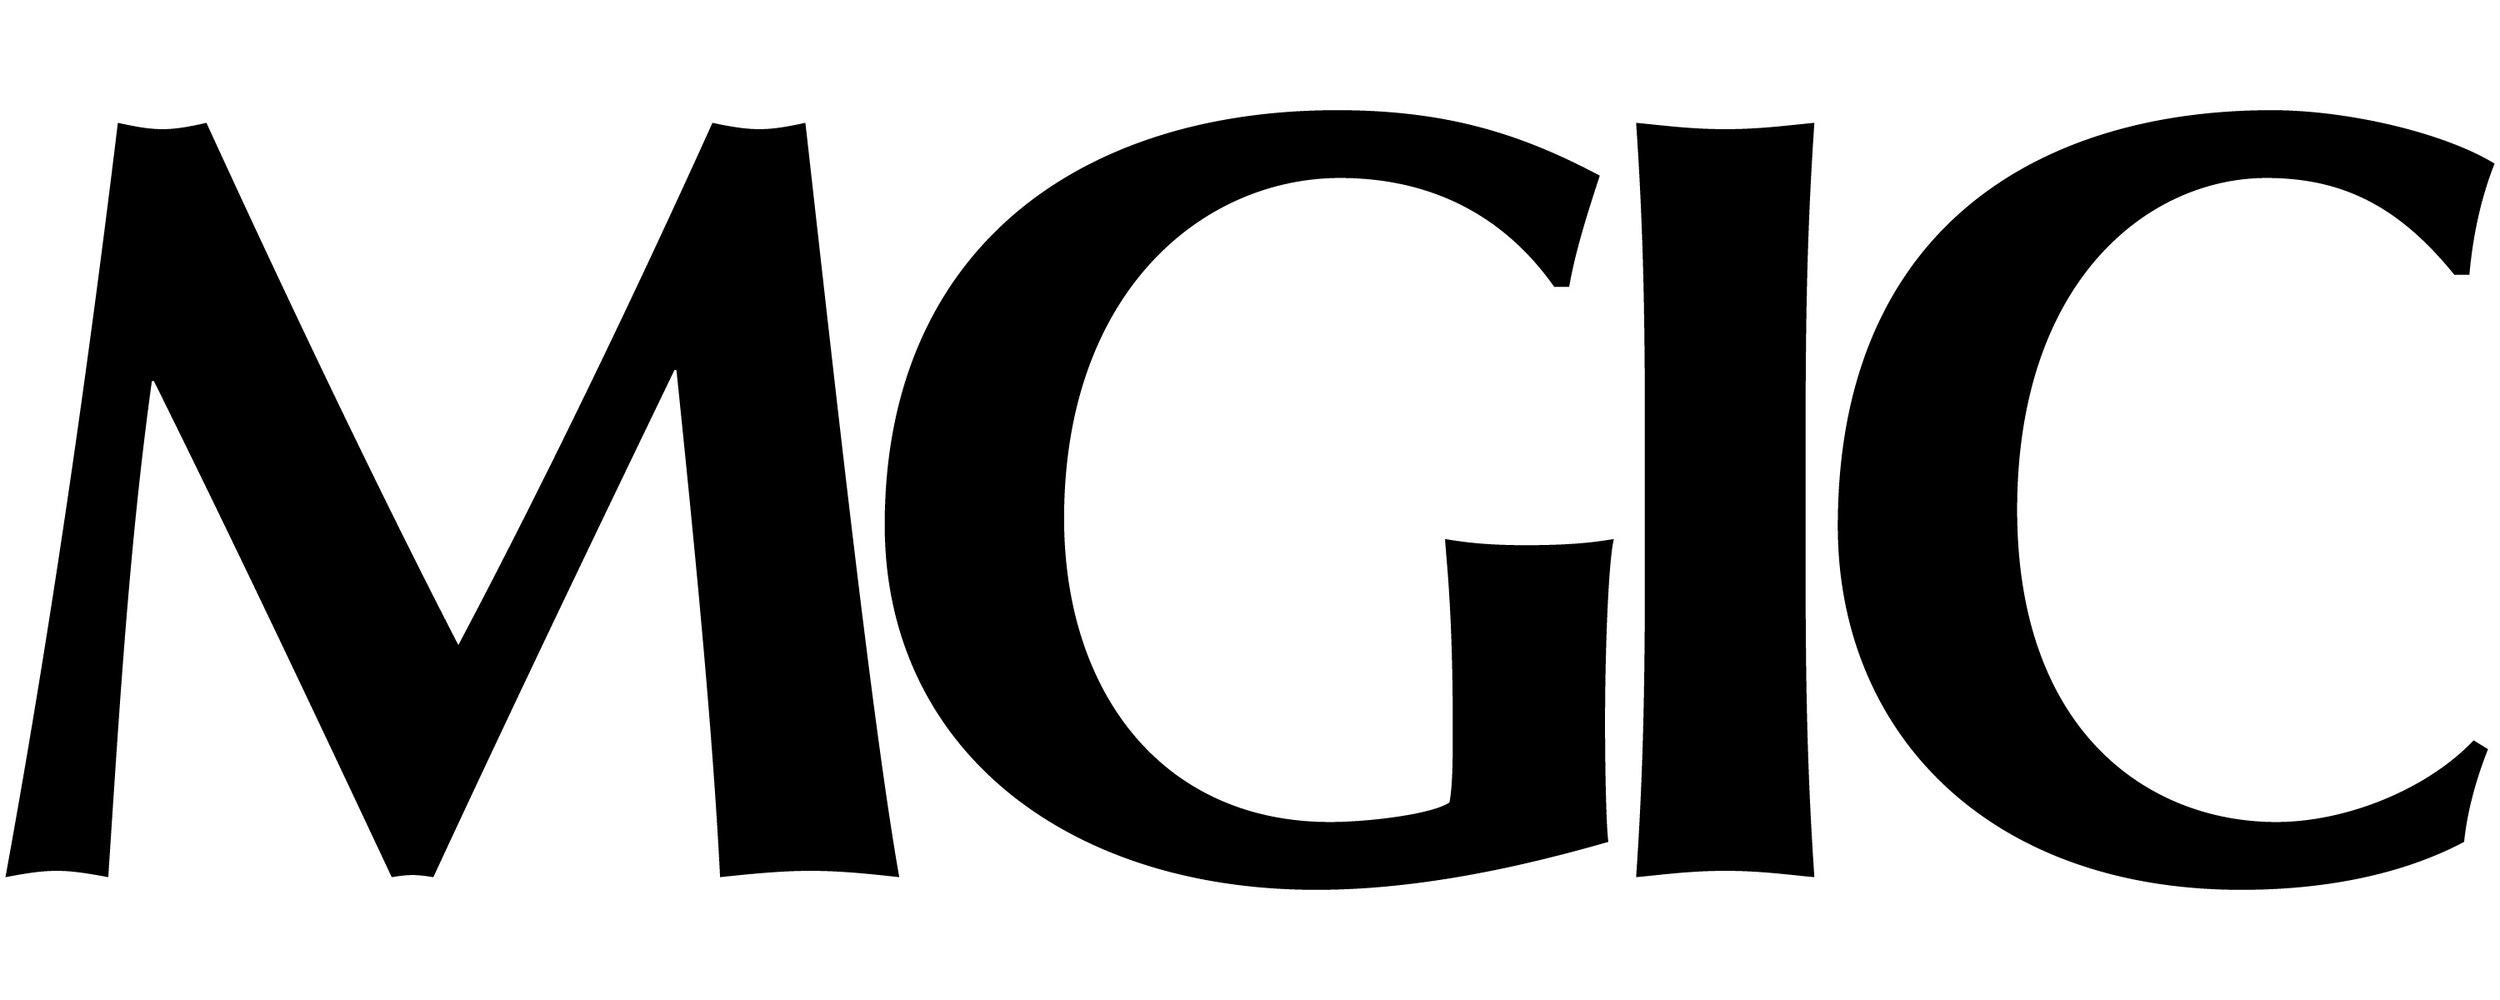 MGIC Logo-3000x1200px-Black-600ppi.jpg